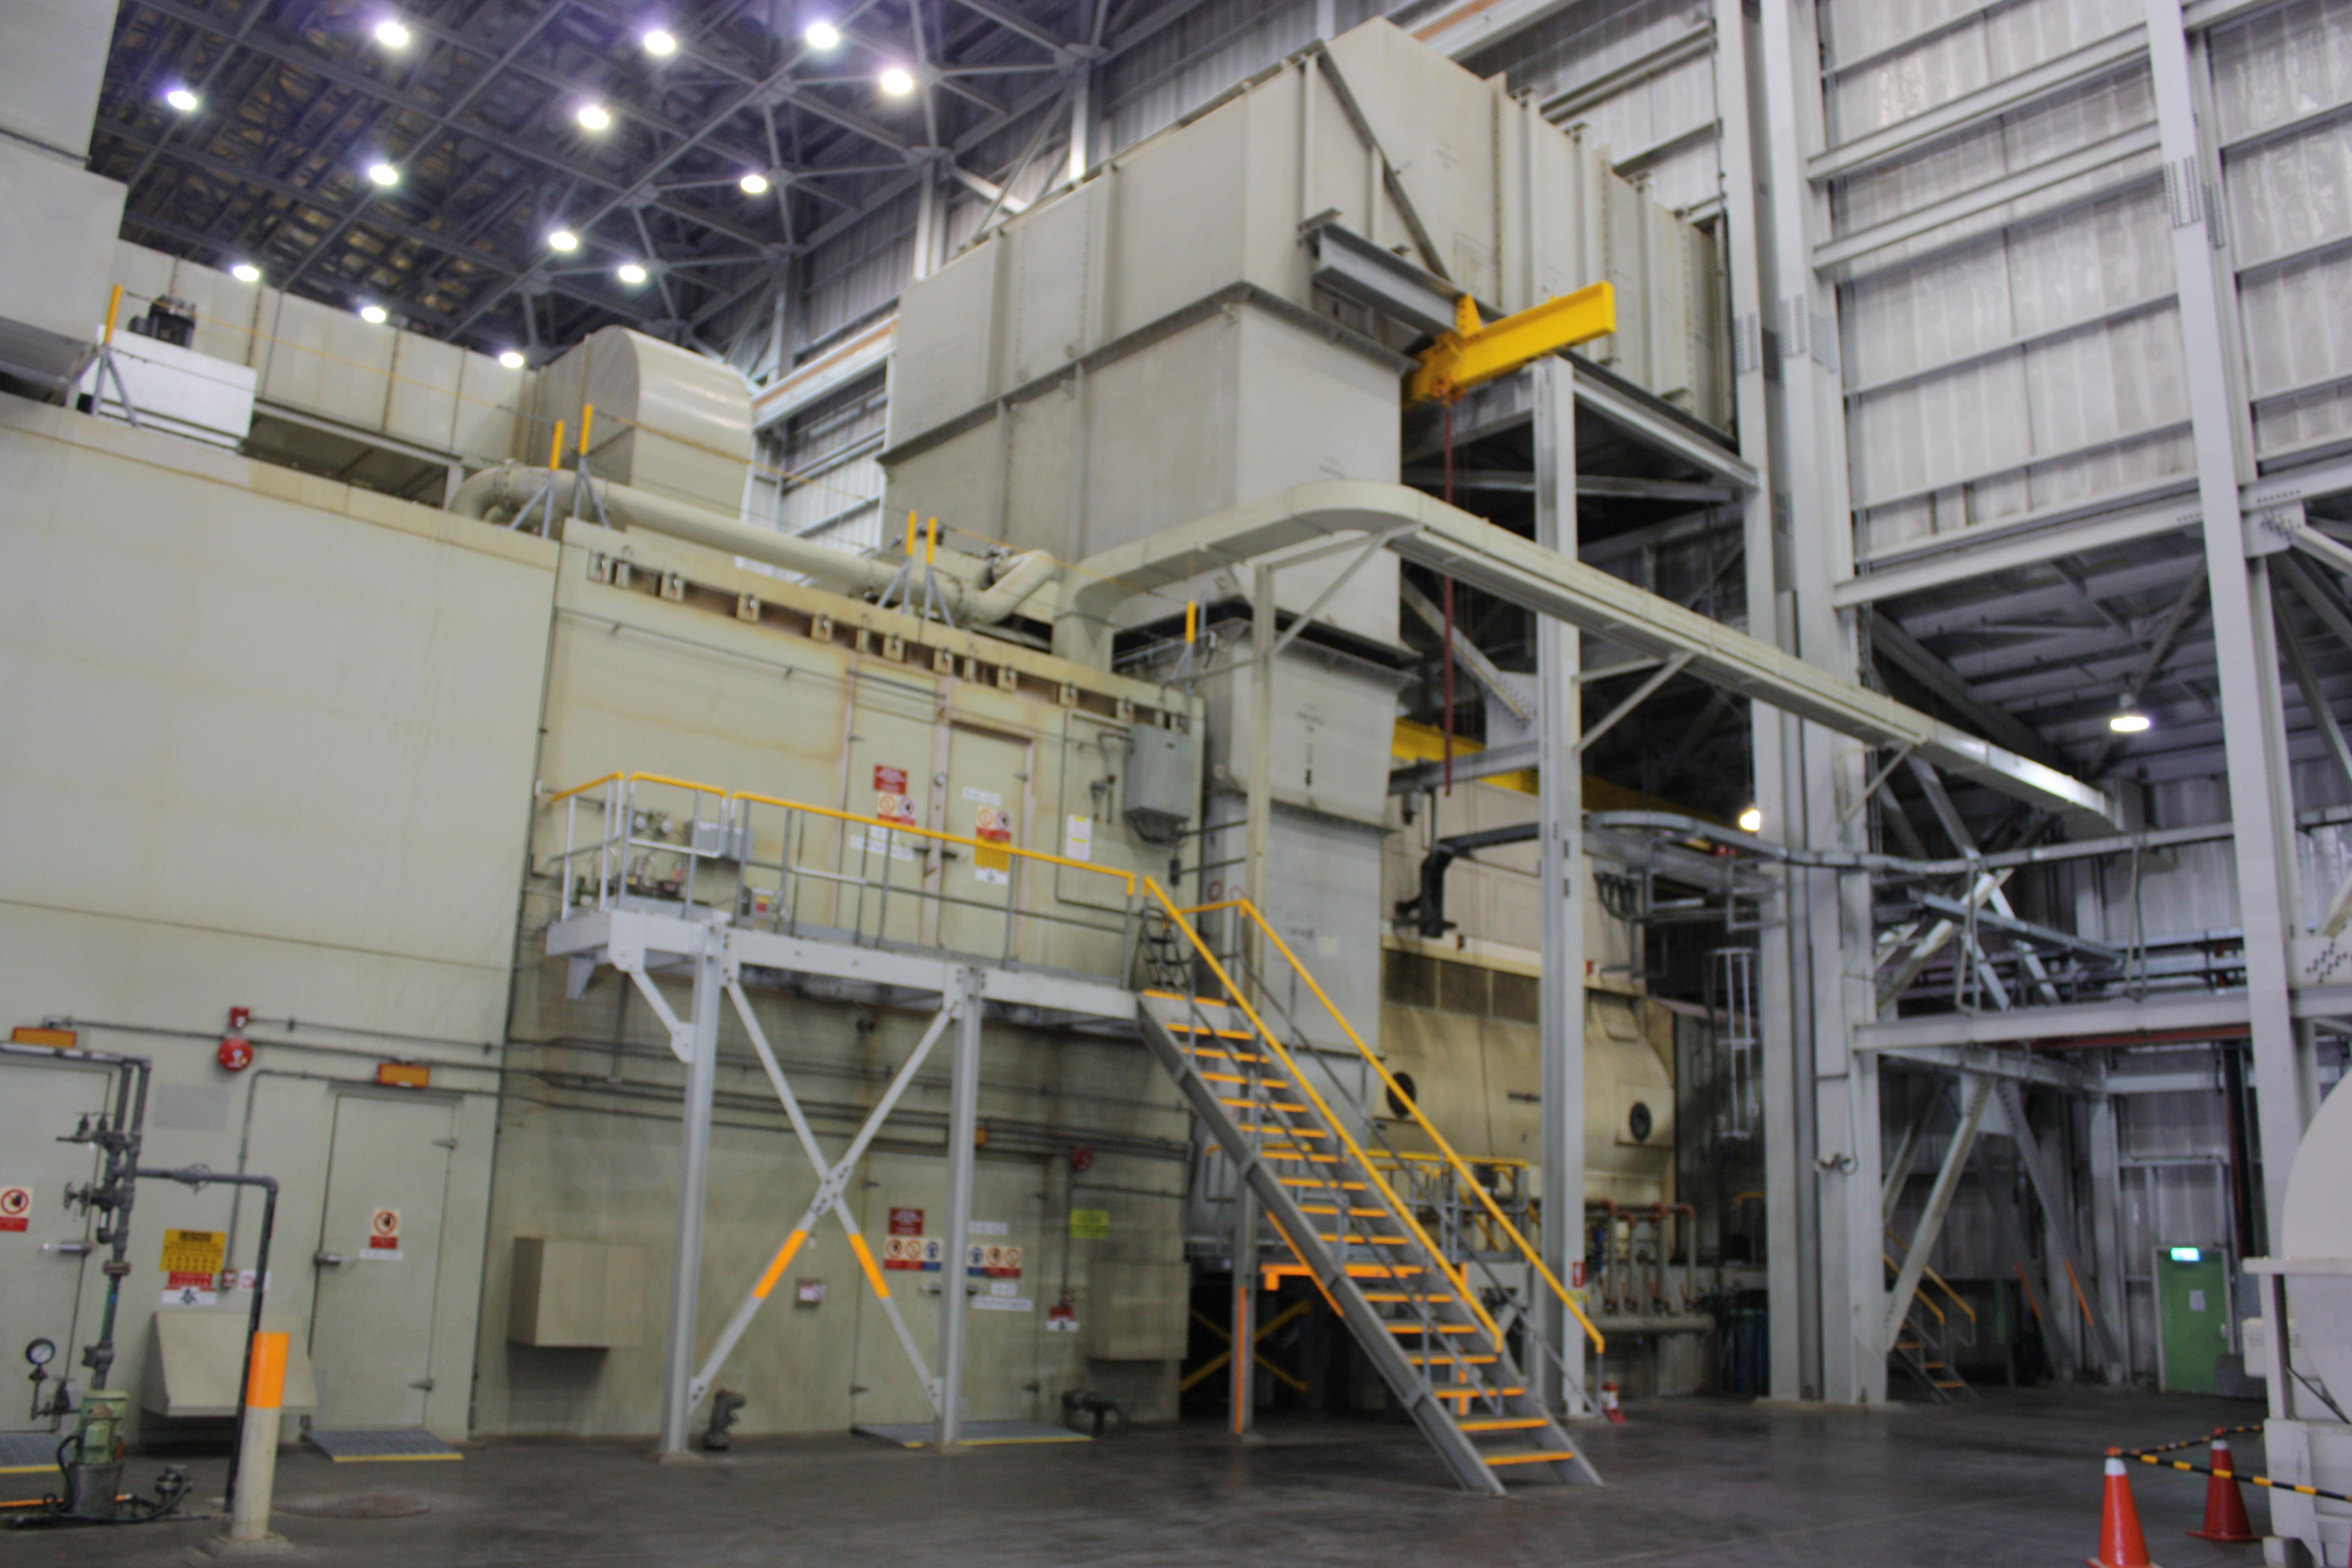 IMG_4493(Gas turbine).JPG